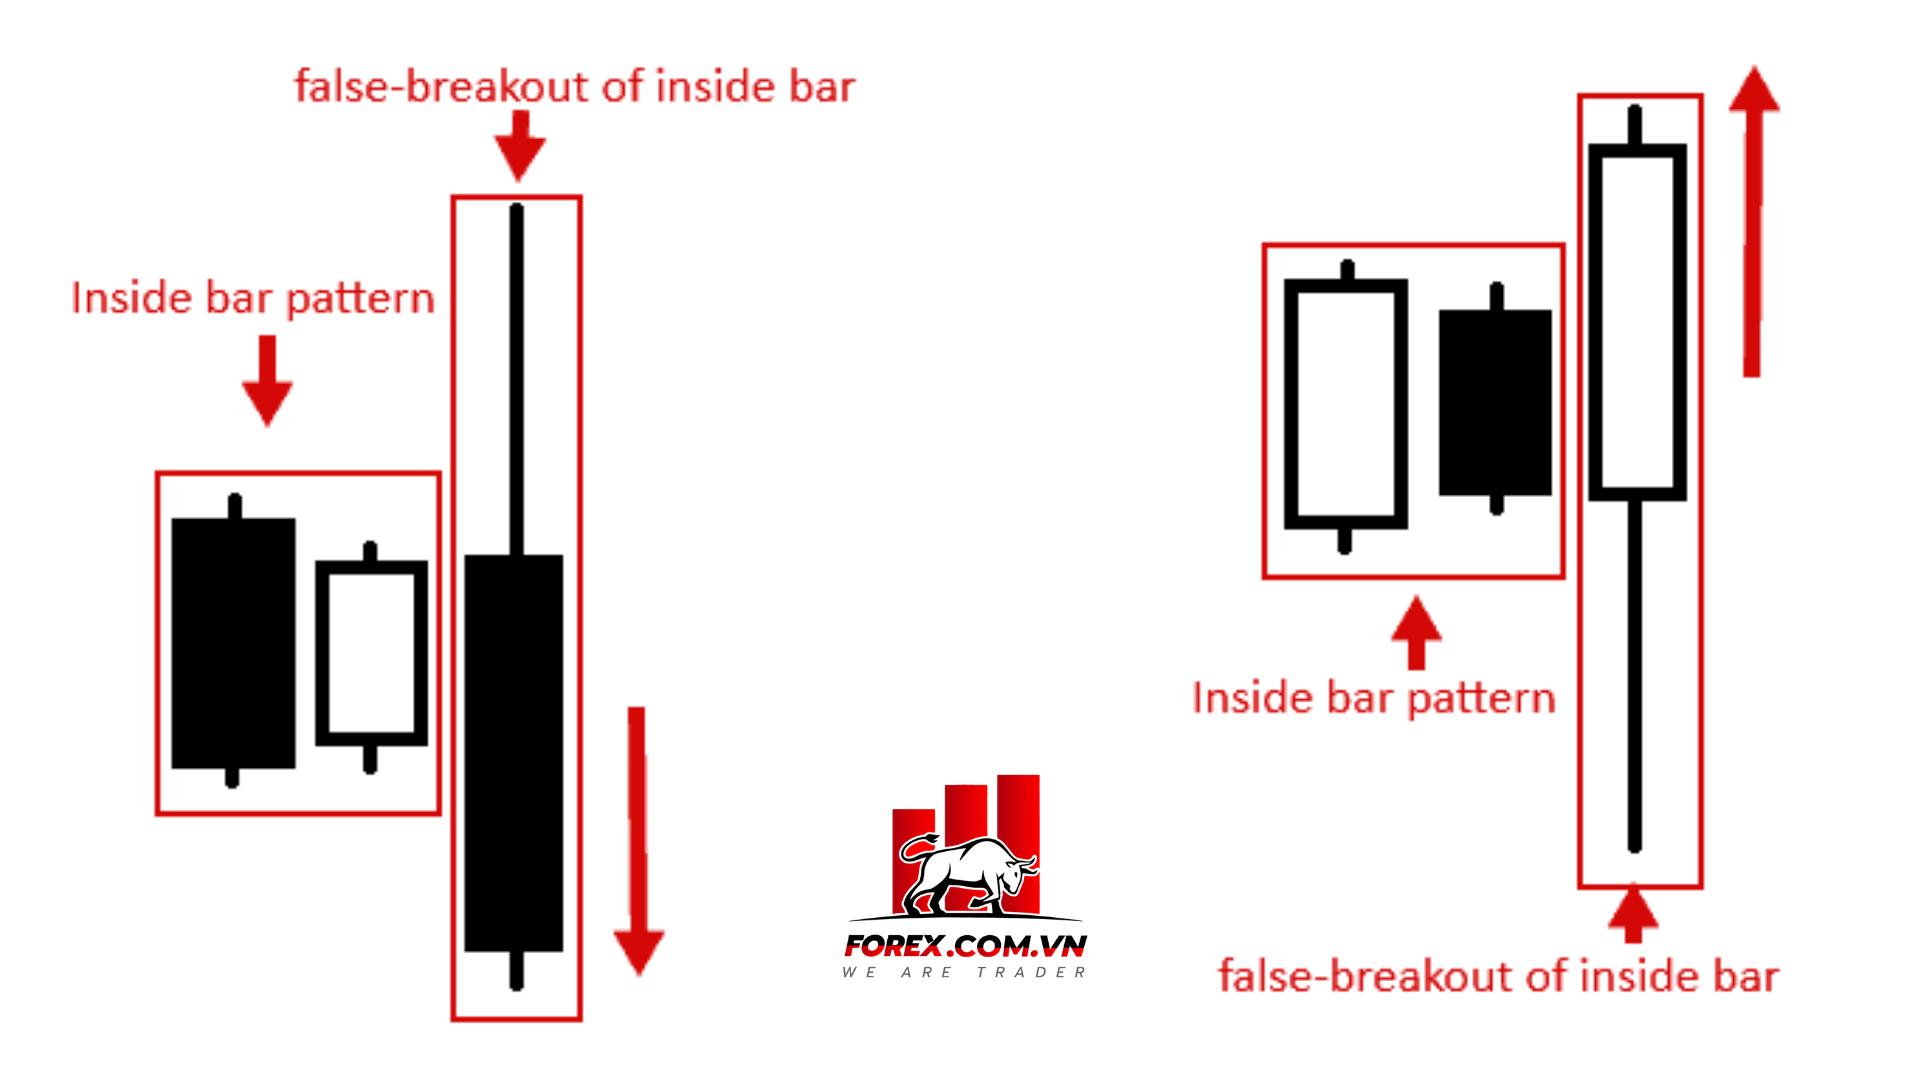 biến thể của mô hình nến fakey